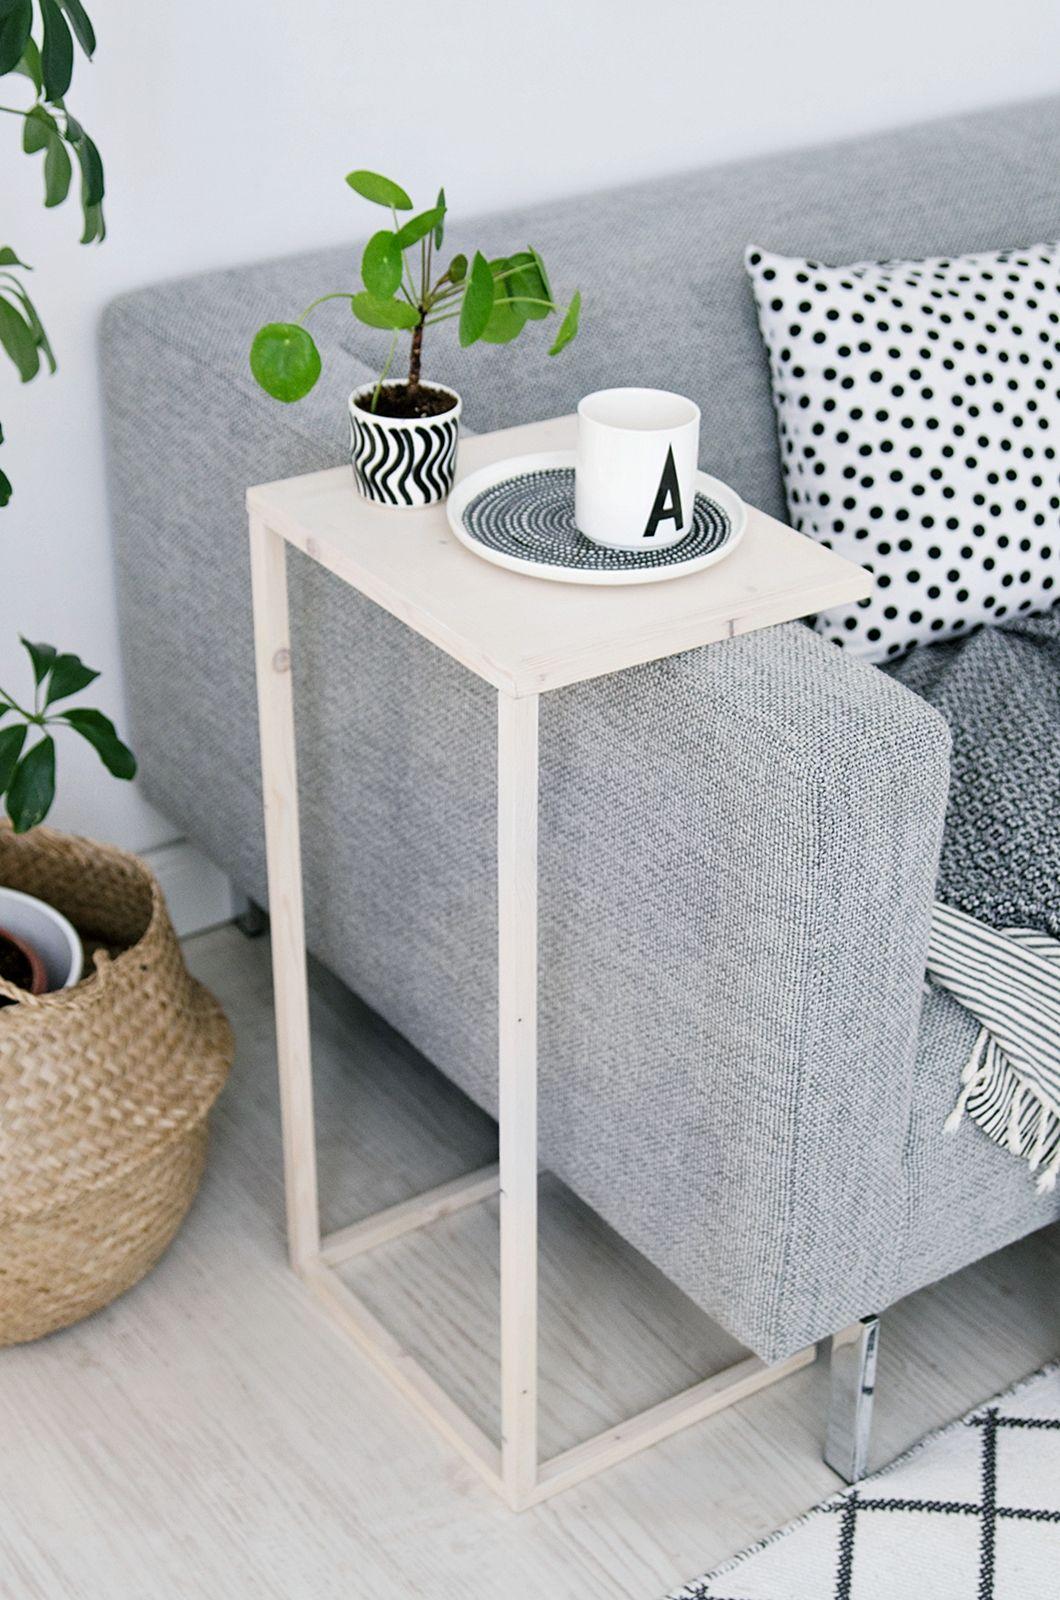 Simpler Diy Beistelltisch Gewinner Der Stelton Verlosung Thuis Diy Decoratie Klein Appartement Kamer Decoratie